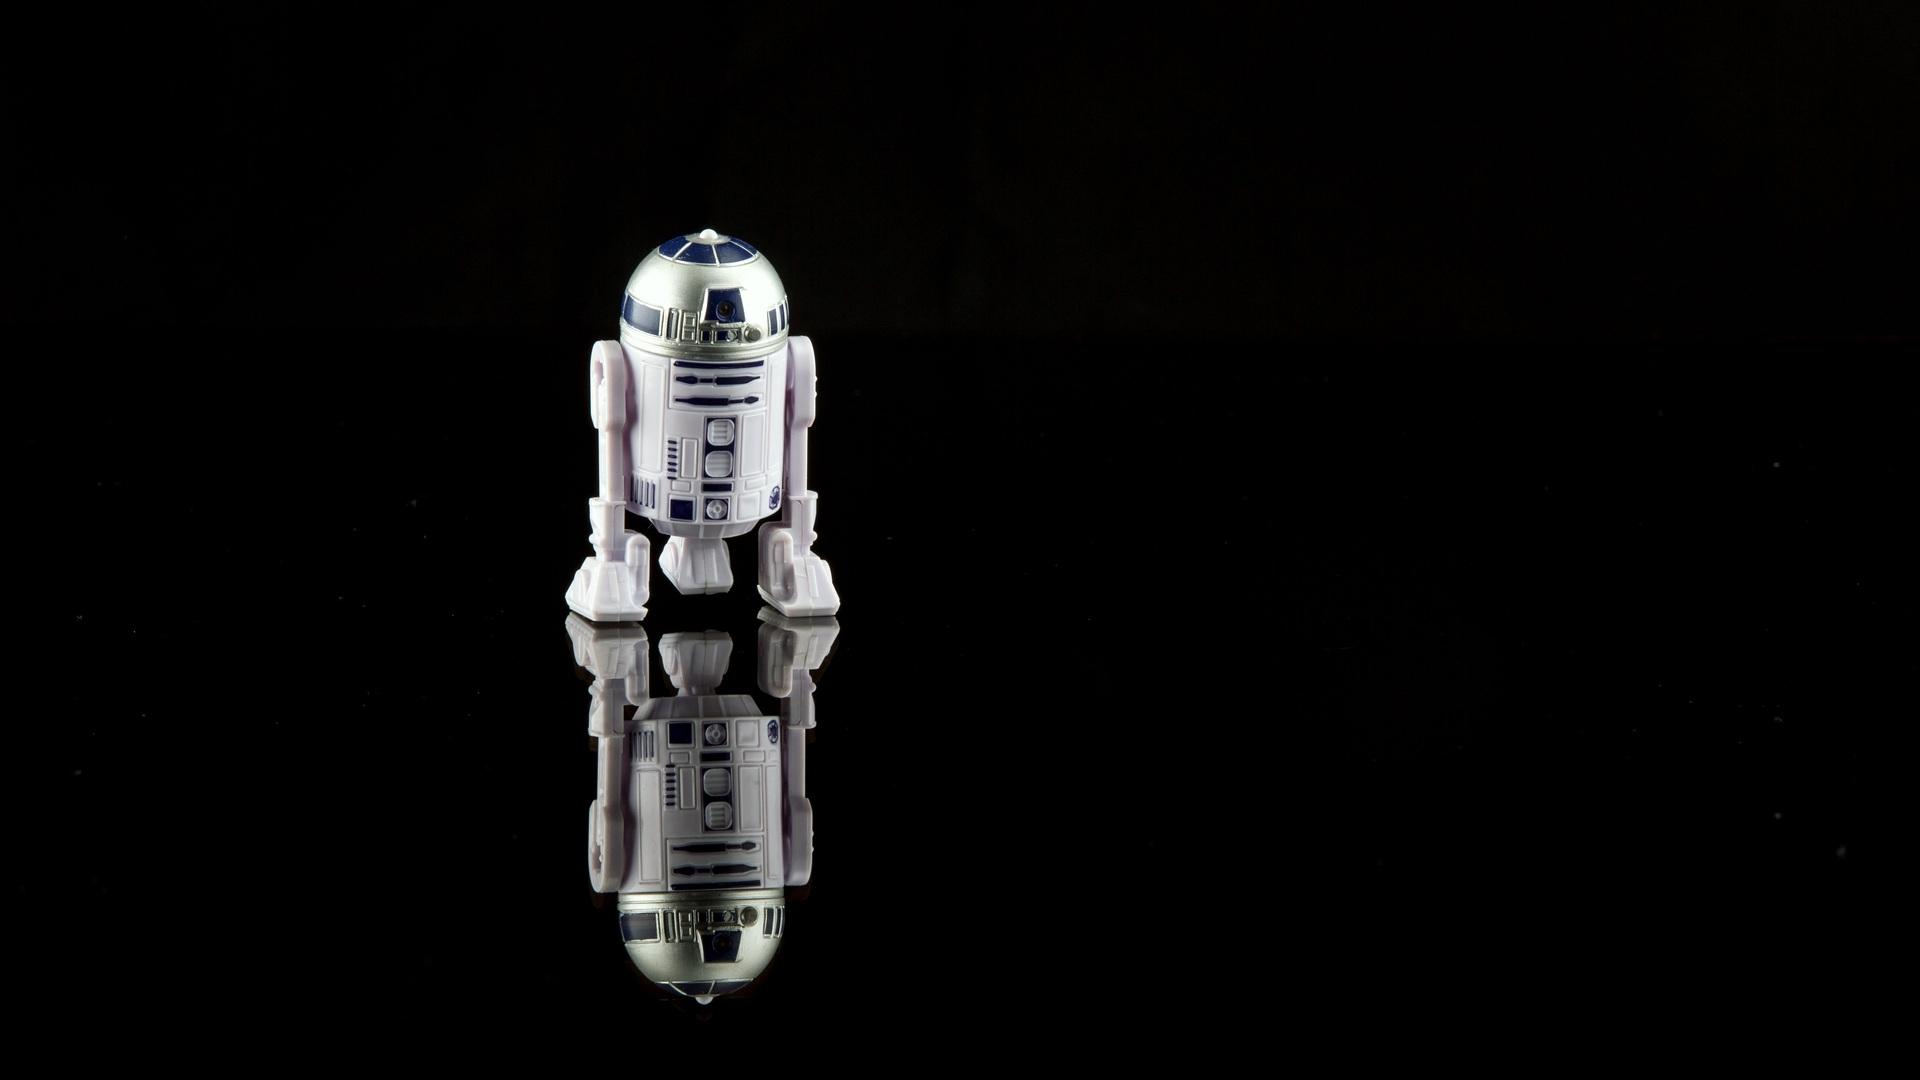 1920x1080 R2 D2 Star Wars Toy Laptop Full HD 1080P HD 4k ...